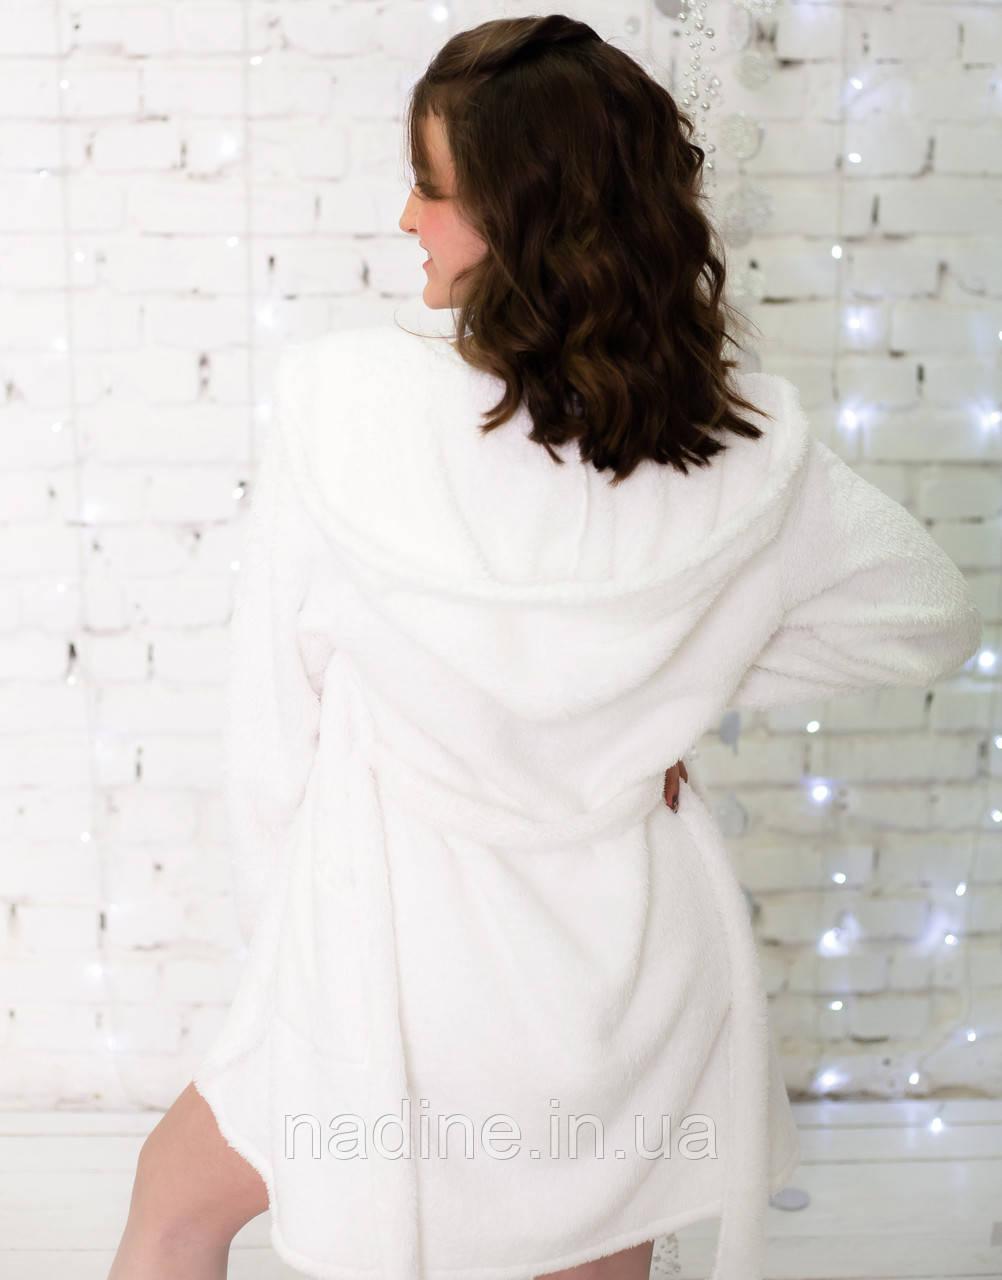 Теплий махровий халат Eirena Nadine (white 52-573) білий на зріст 152